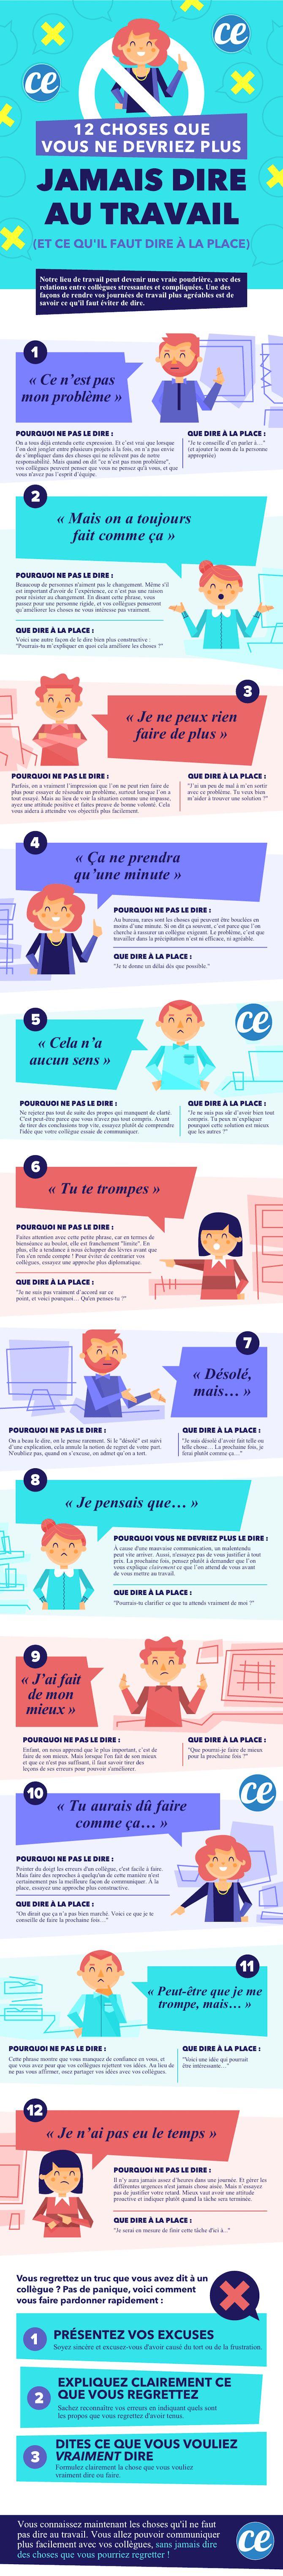 12 choses qu'il faut éviter de dire à vos collègues, et ce qu'il faut dire à la place !